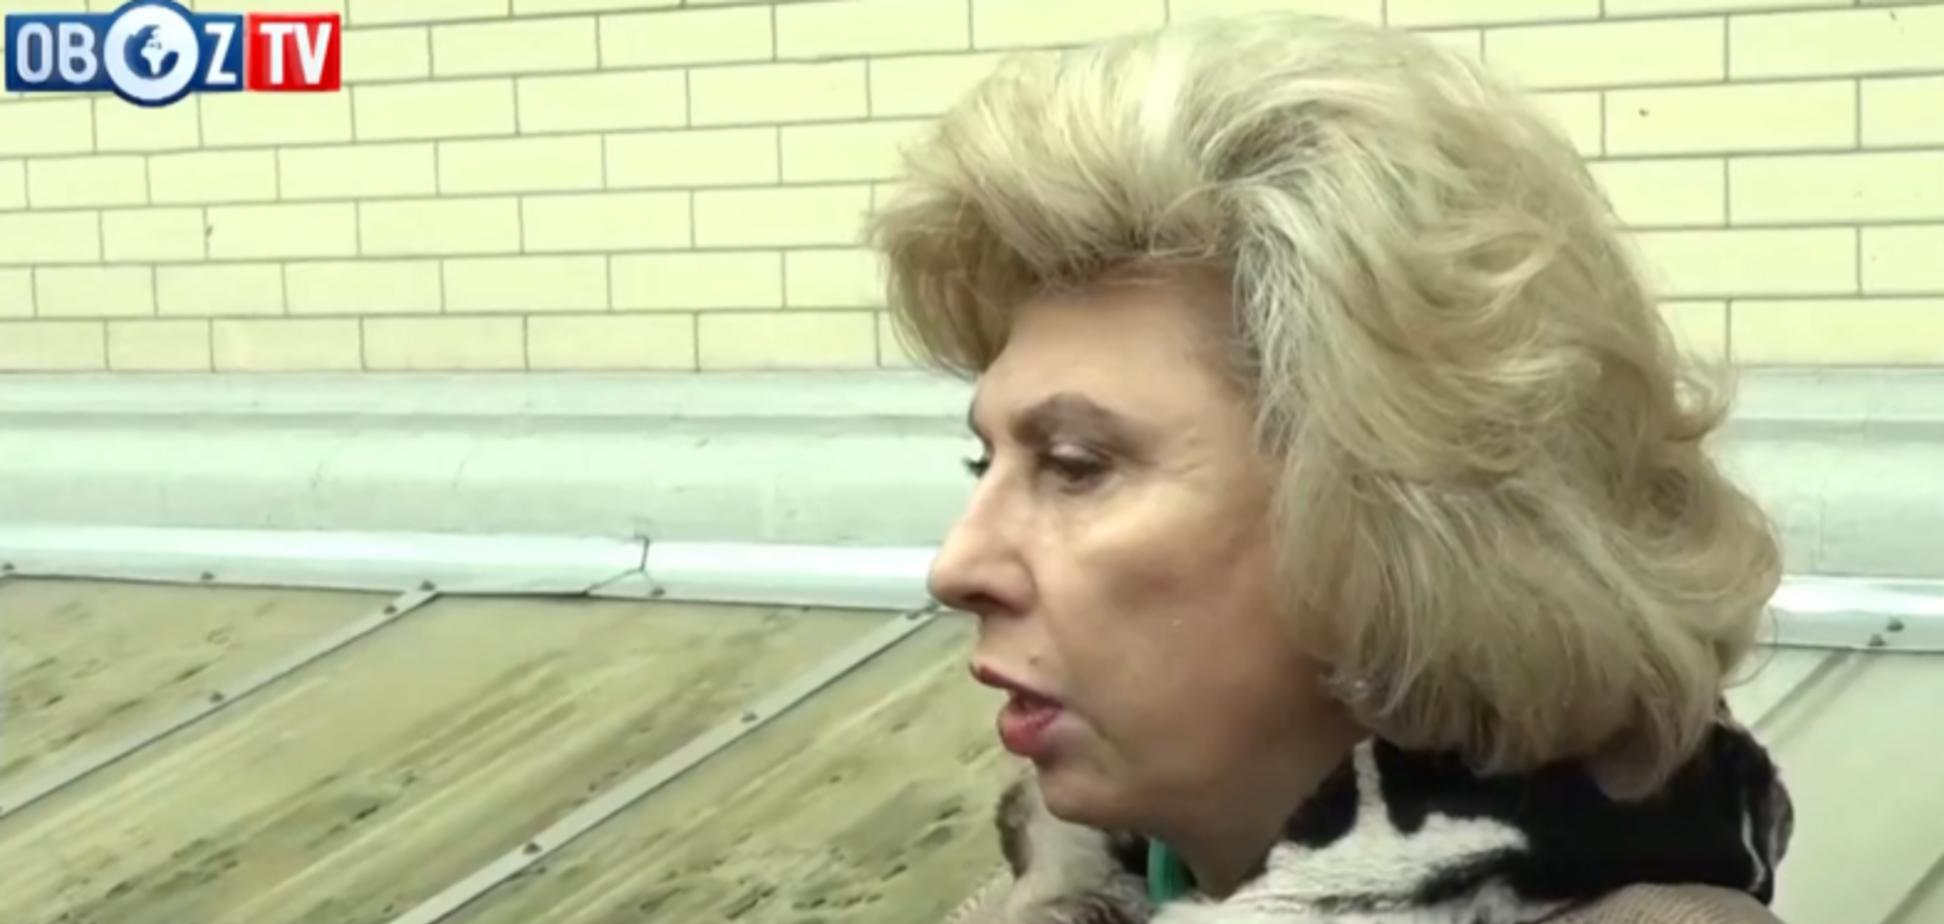 Жалобы не поступали: омбудсмен России о психическом освидетельствование украинских моряков